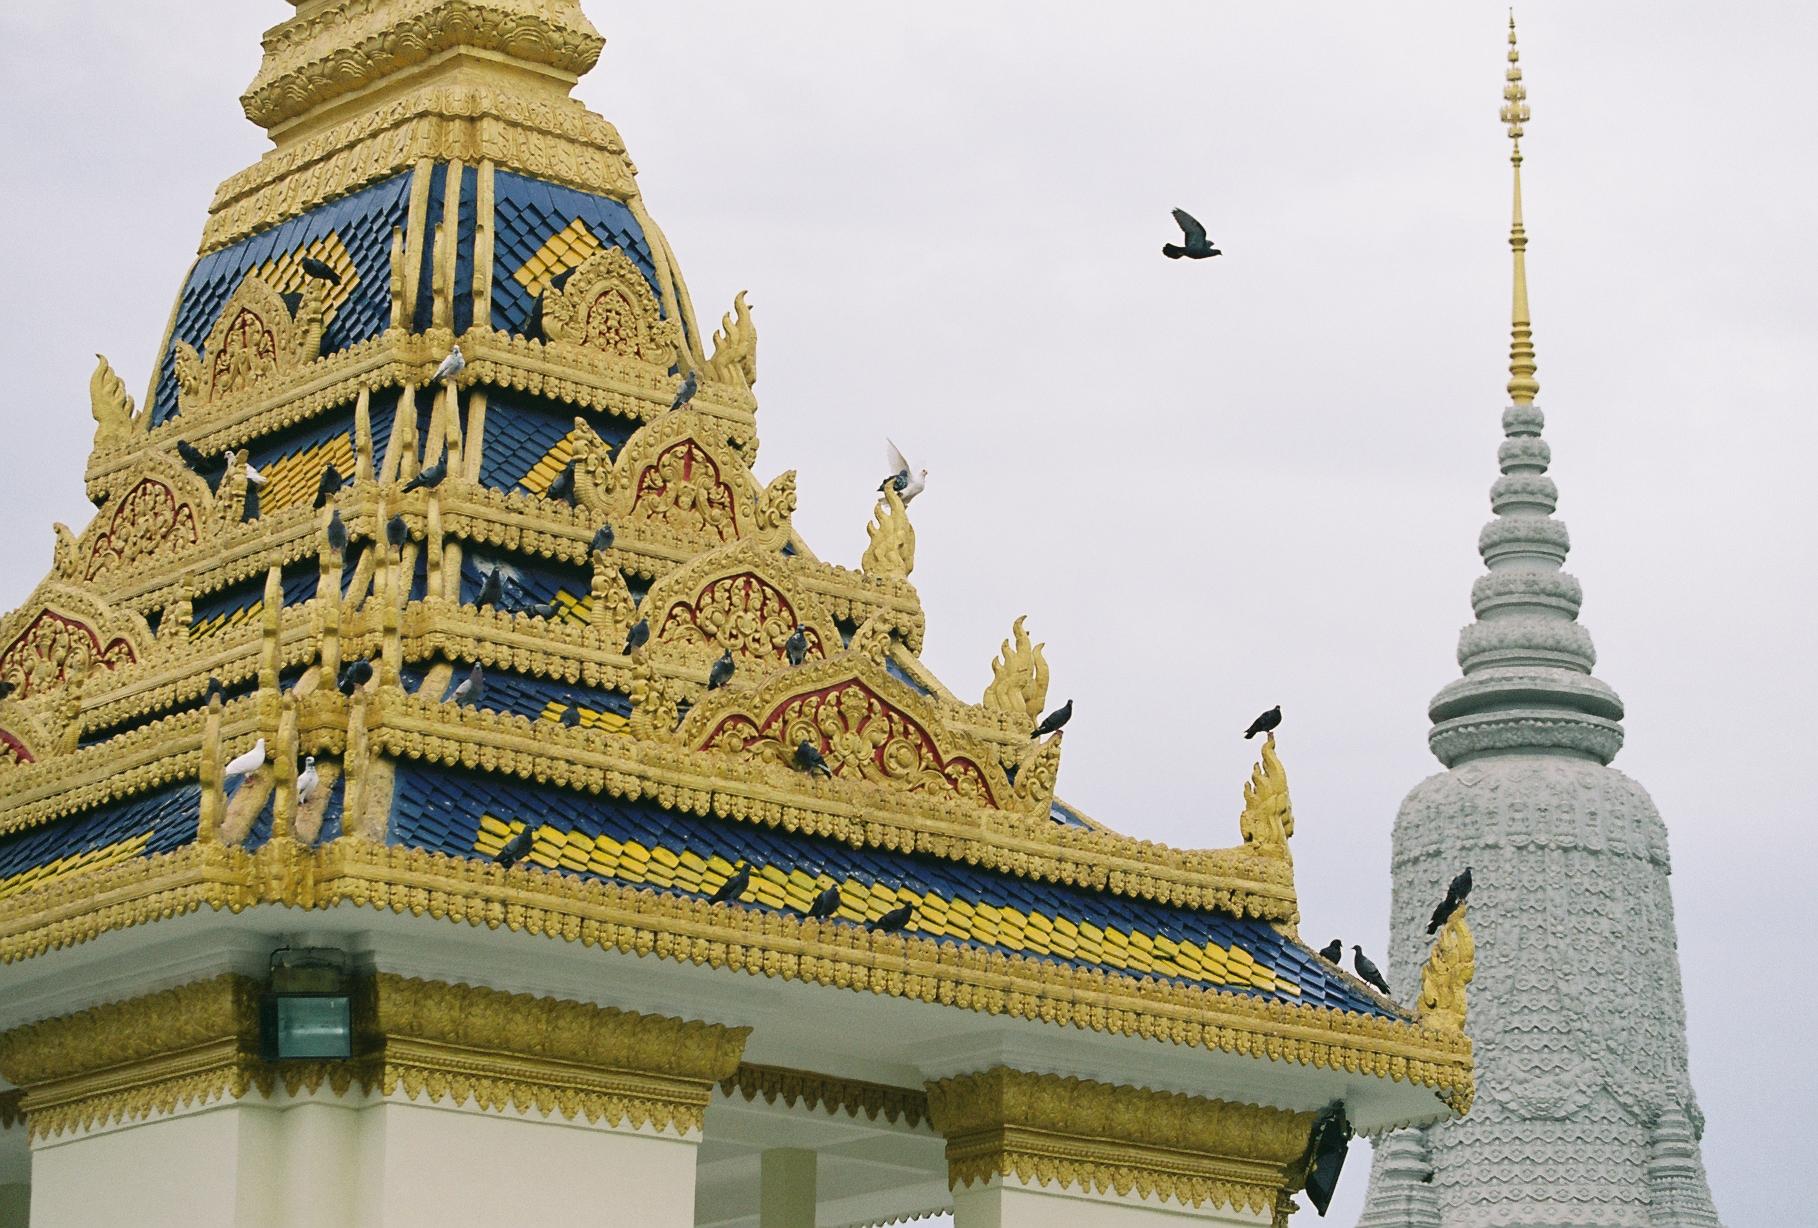 Royal Palace, Phnom Penh (2011)